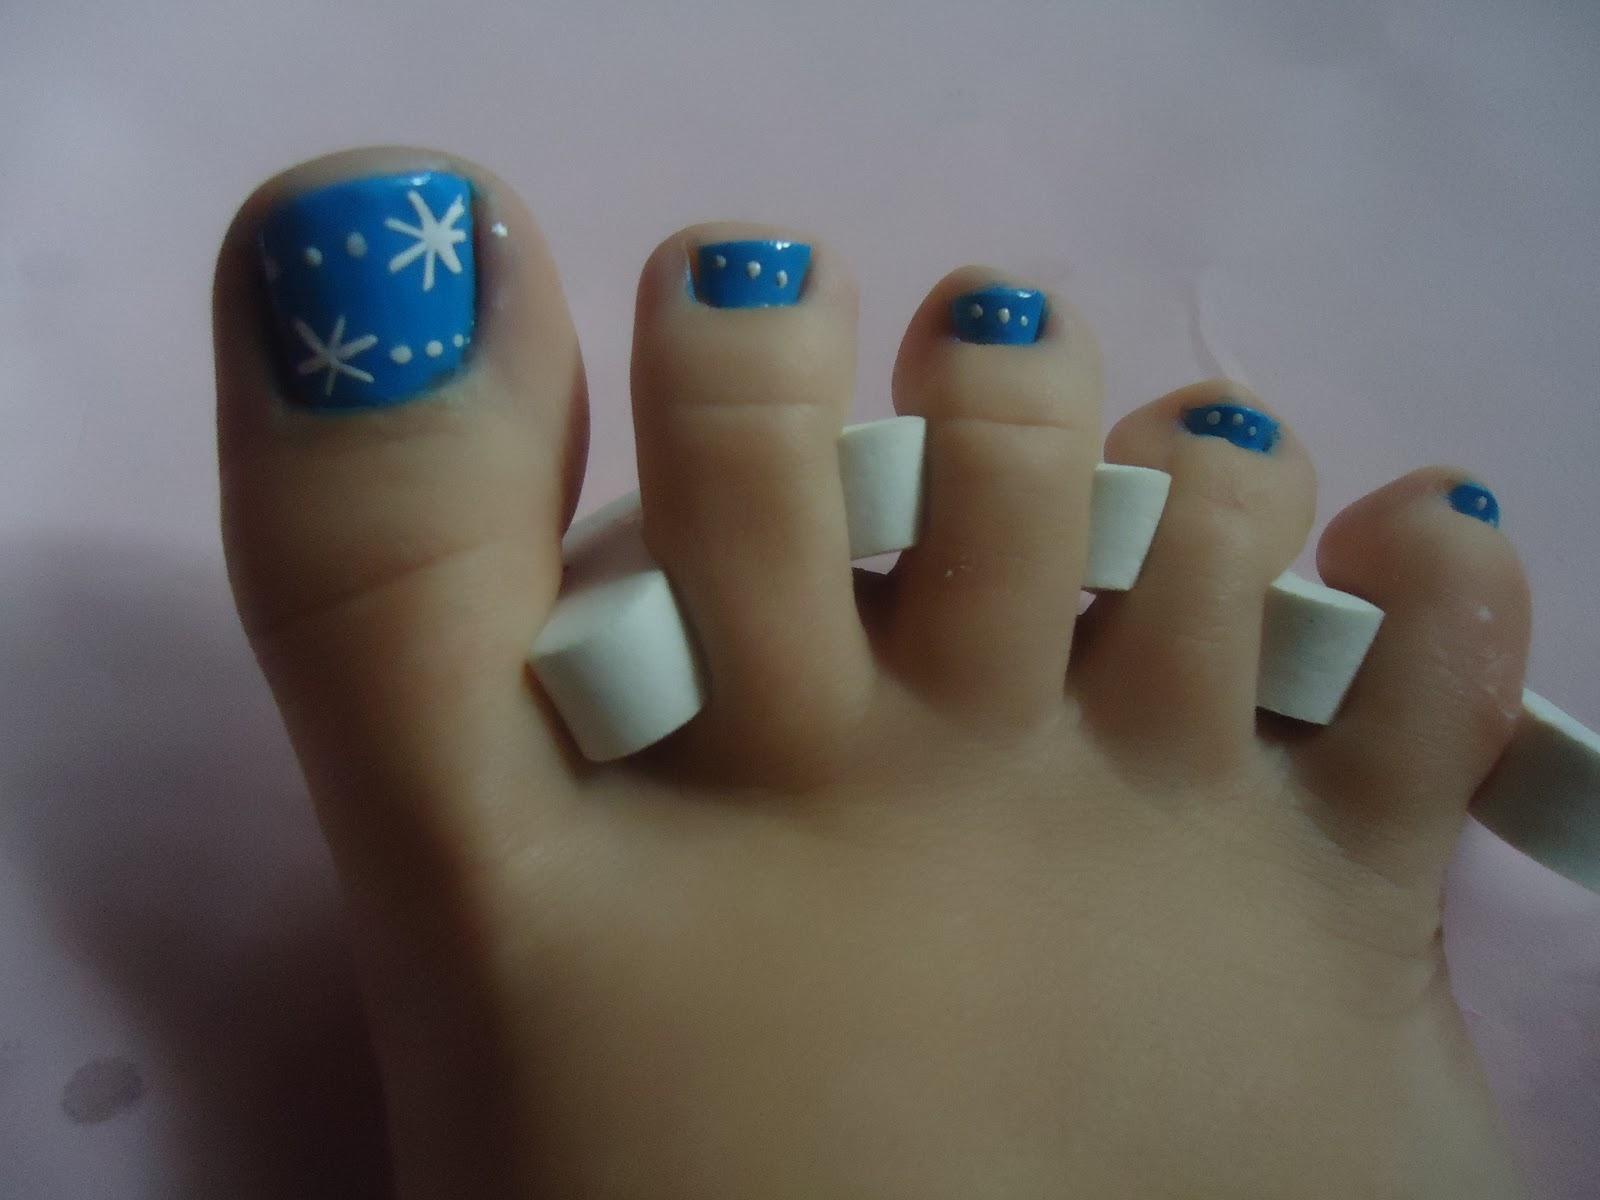 Decoraciones de uas de los pies y manos uas decoradas - Decoraciones de unas ...